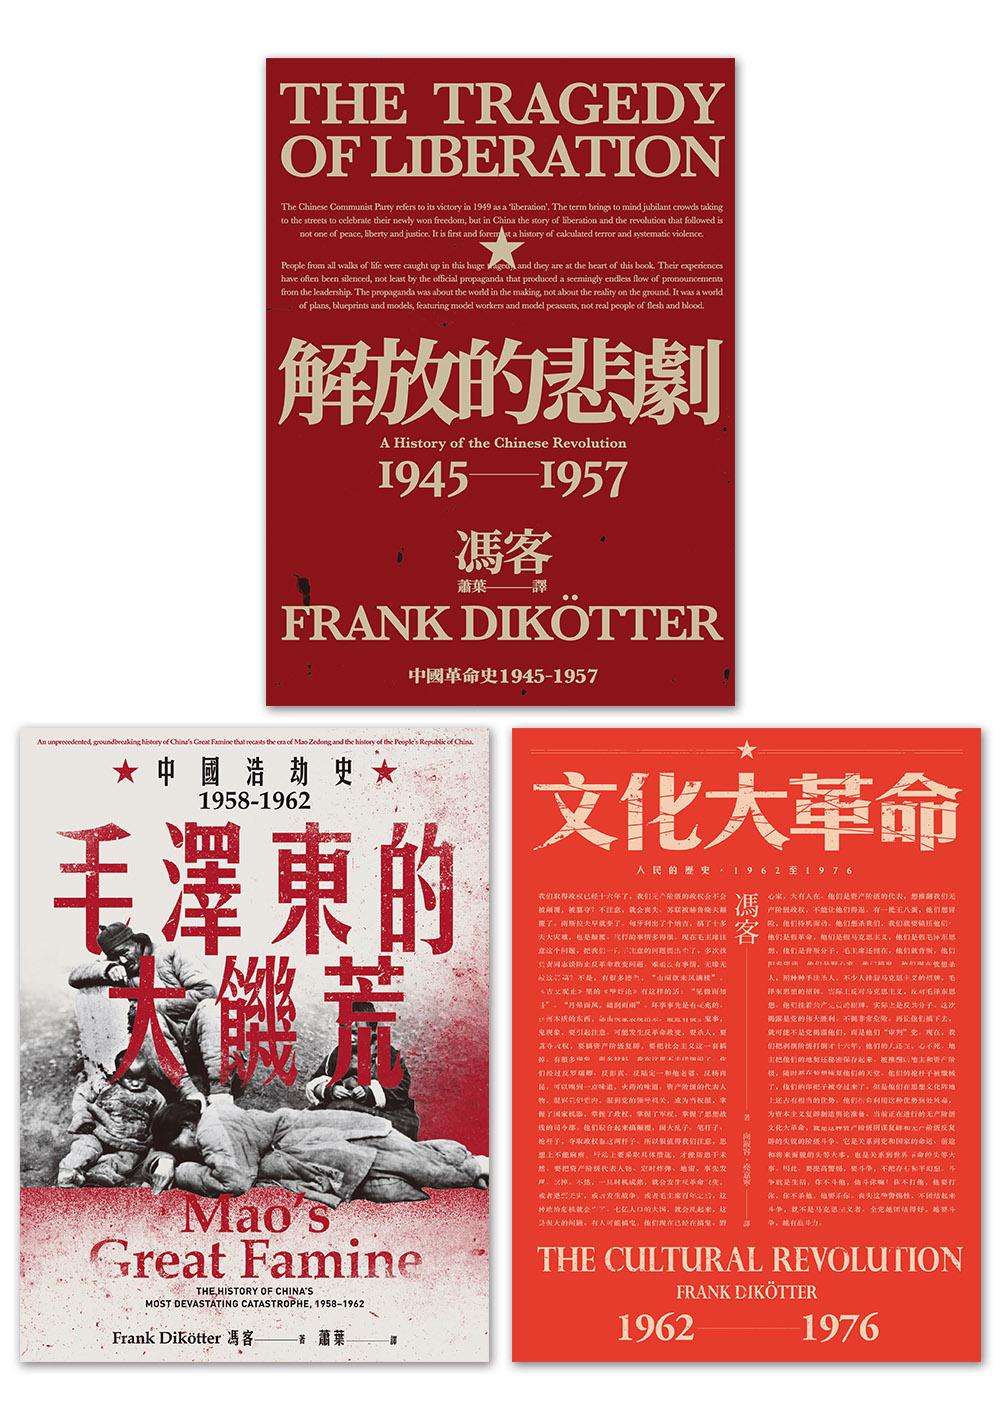 【當代中國史學家馮客三部曲典藏套書】:解放的悲劇、毛澤東的大饑荒、文化大革命 (電子書)